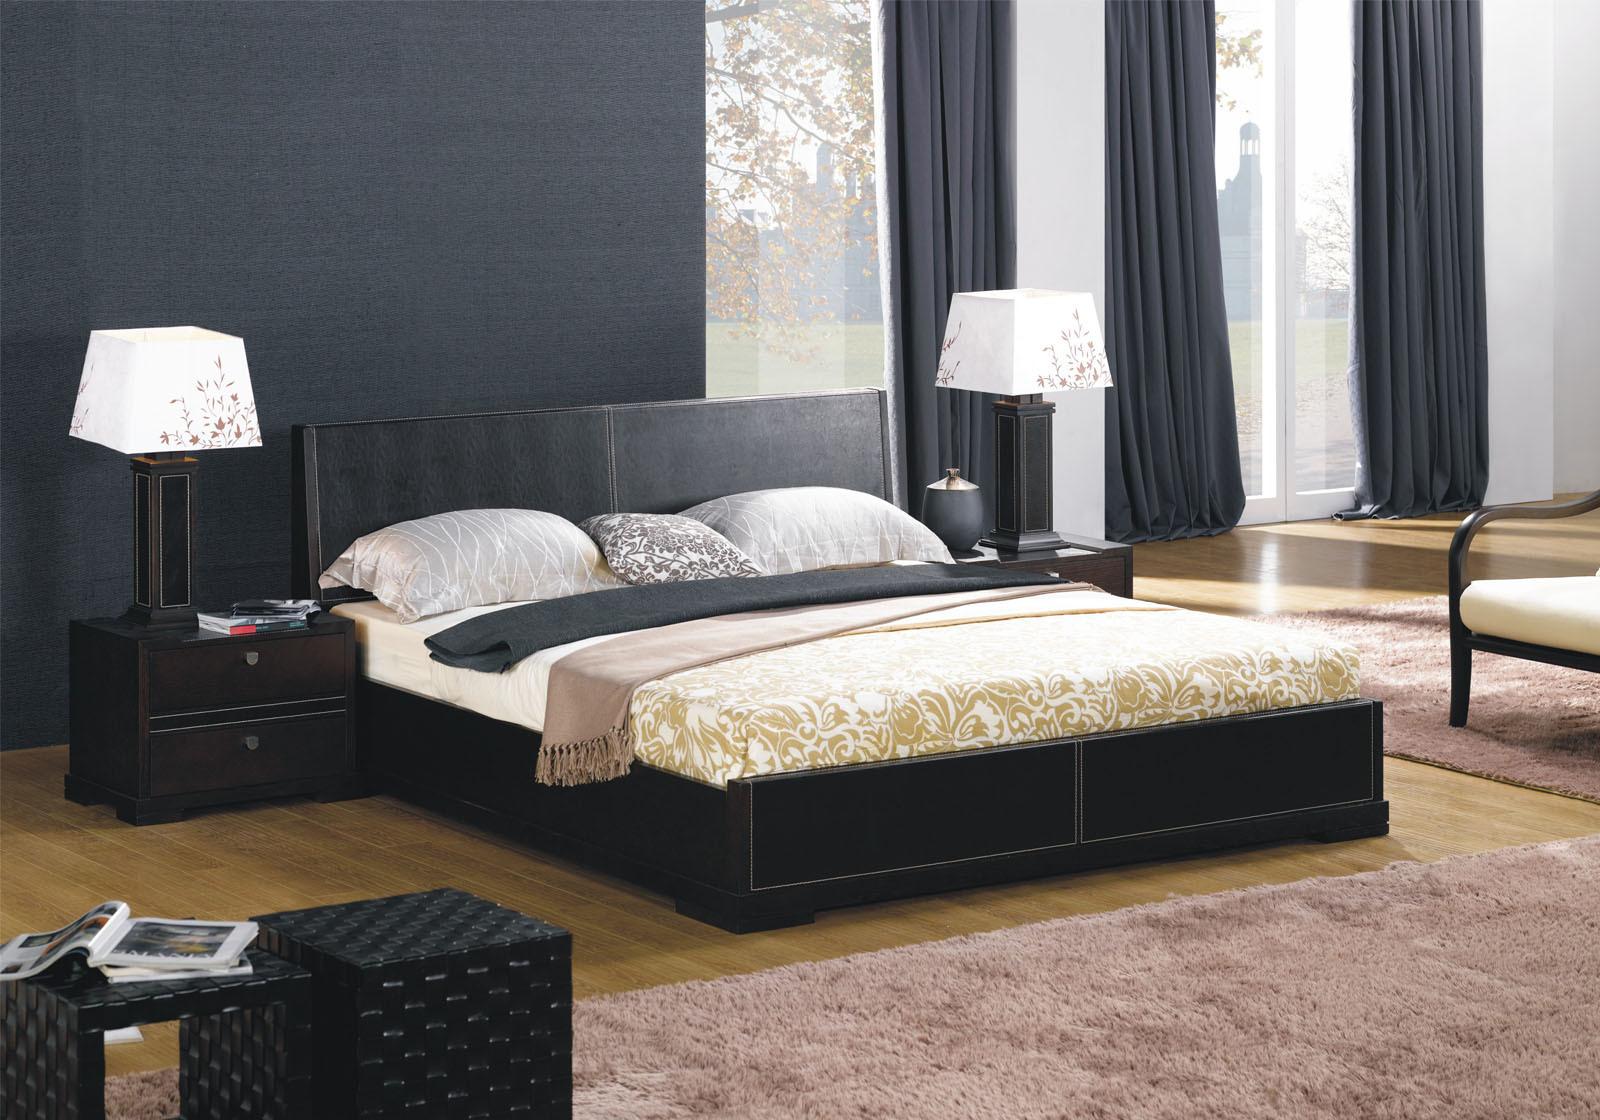 床头柜N023A/W630 D435 H450N023A